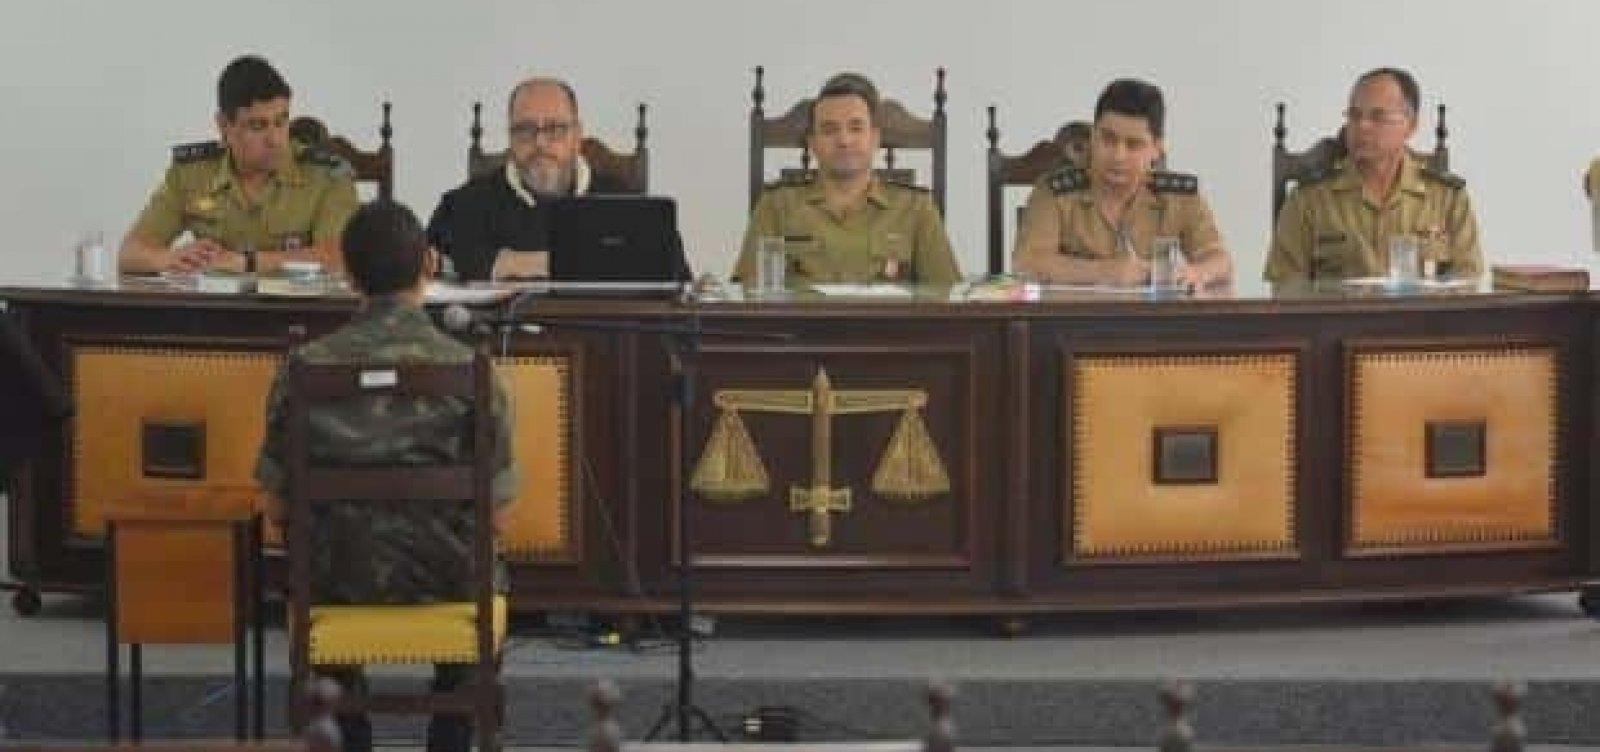 Militares do Exército são condenados por desvio de R$ 11 milhões